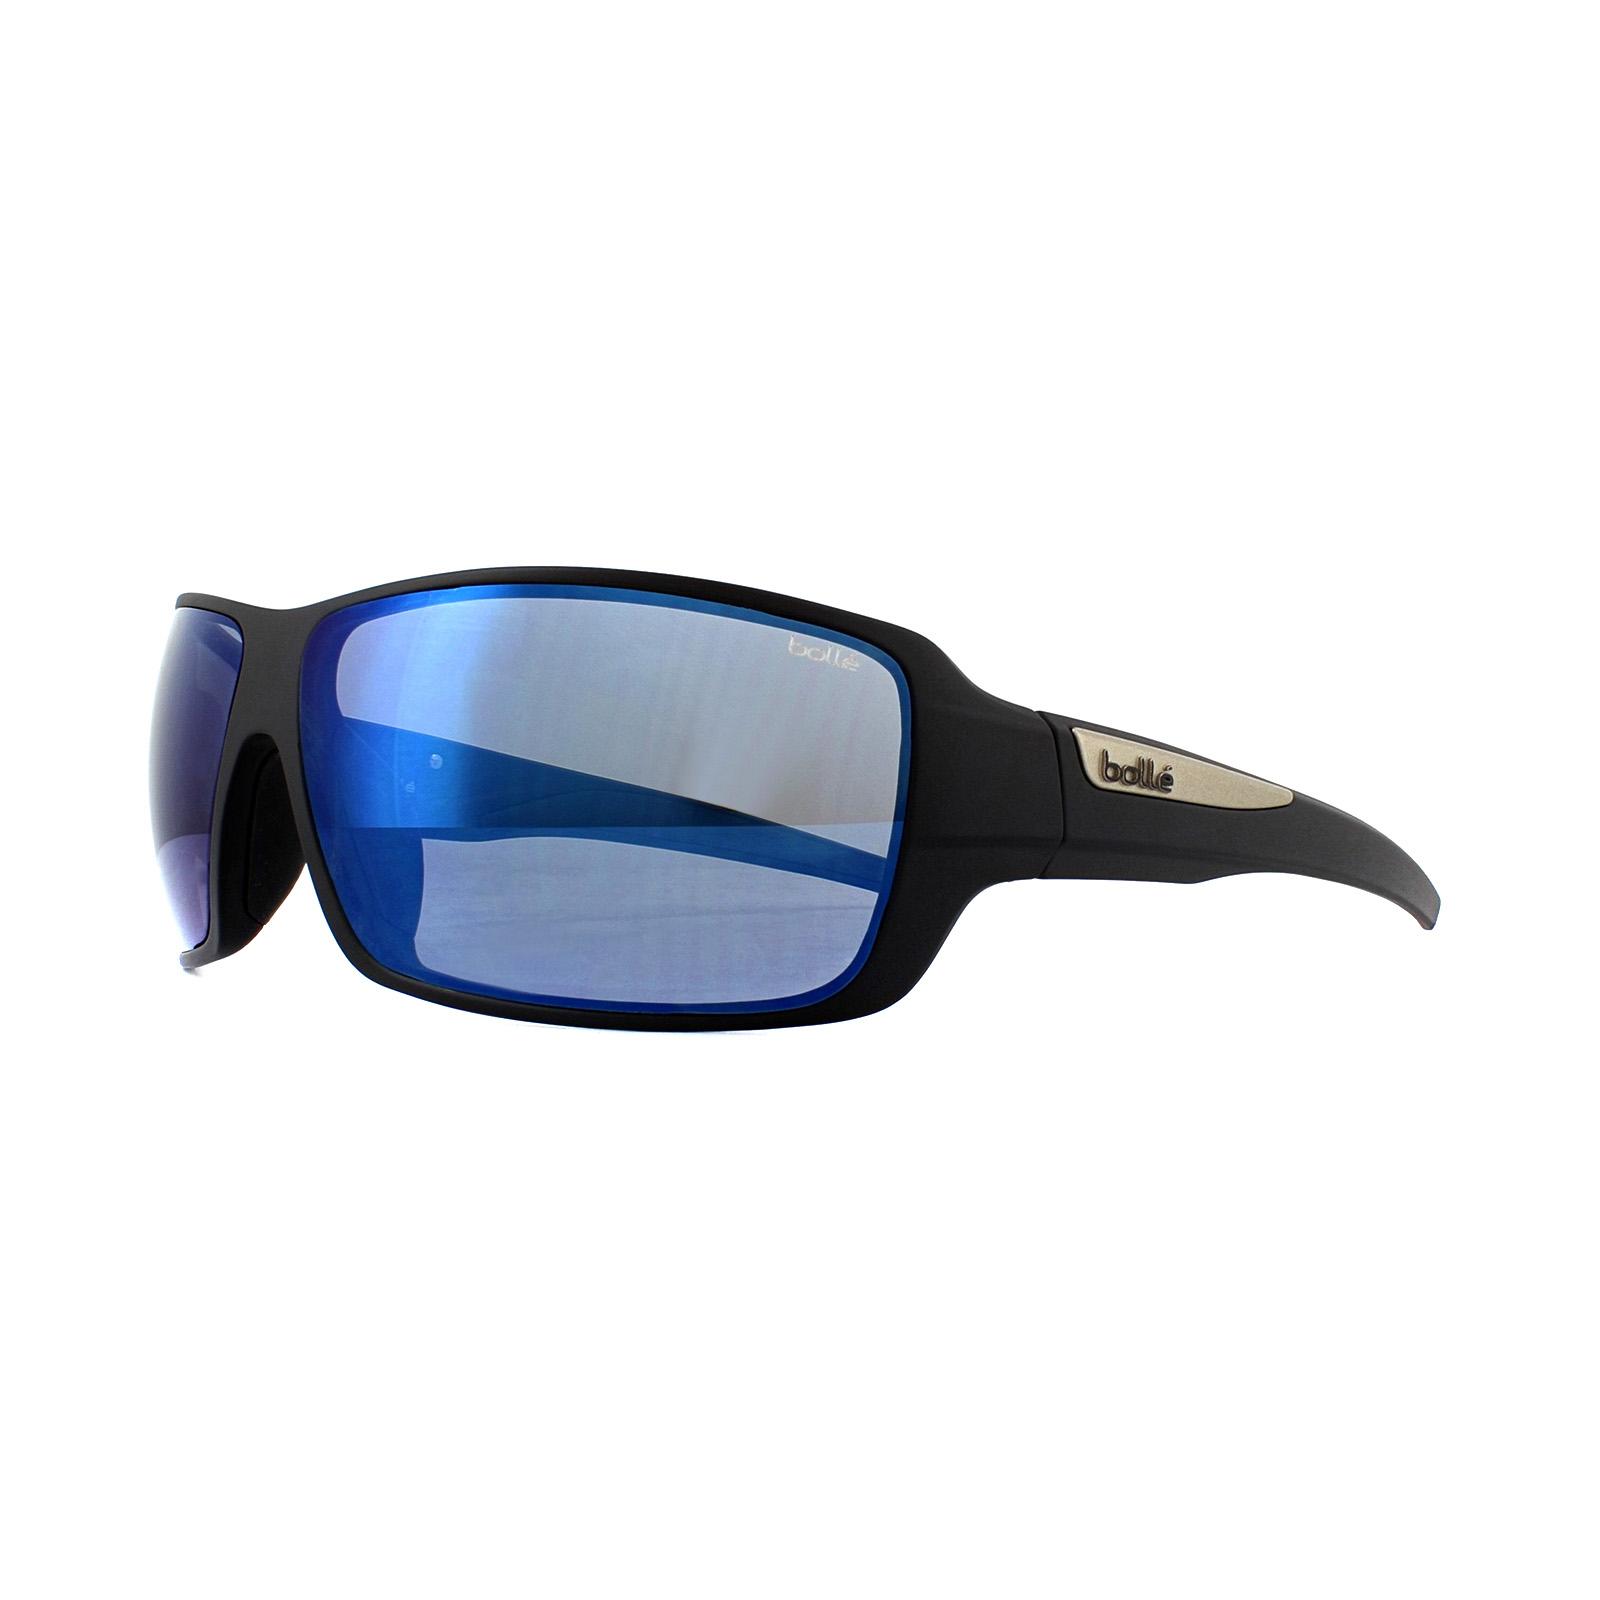 ce9544e4cc Cheap Bolle Cary Sunglasses - Discounted Sunglasses